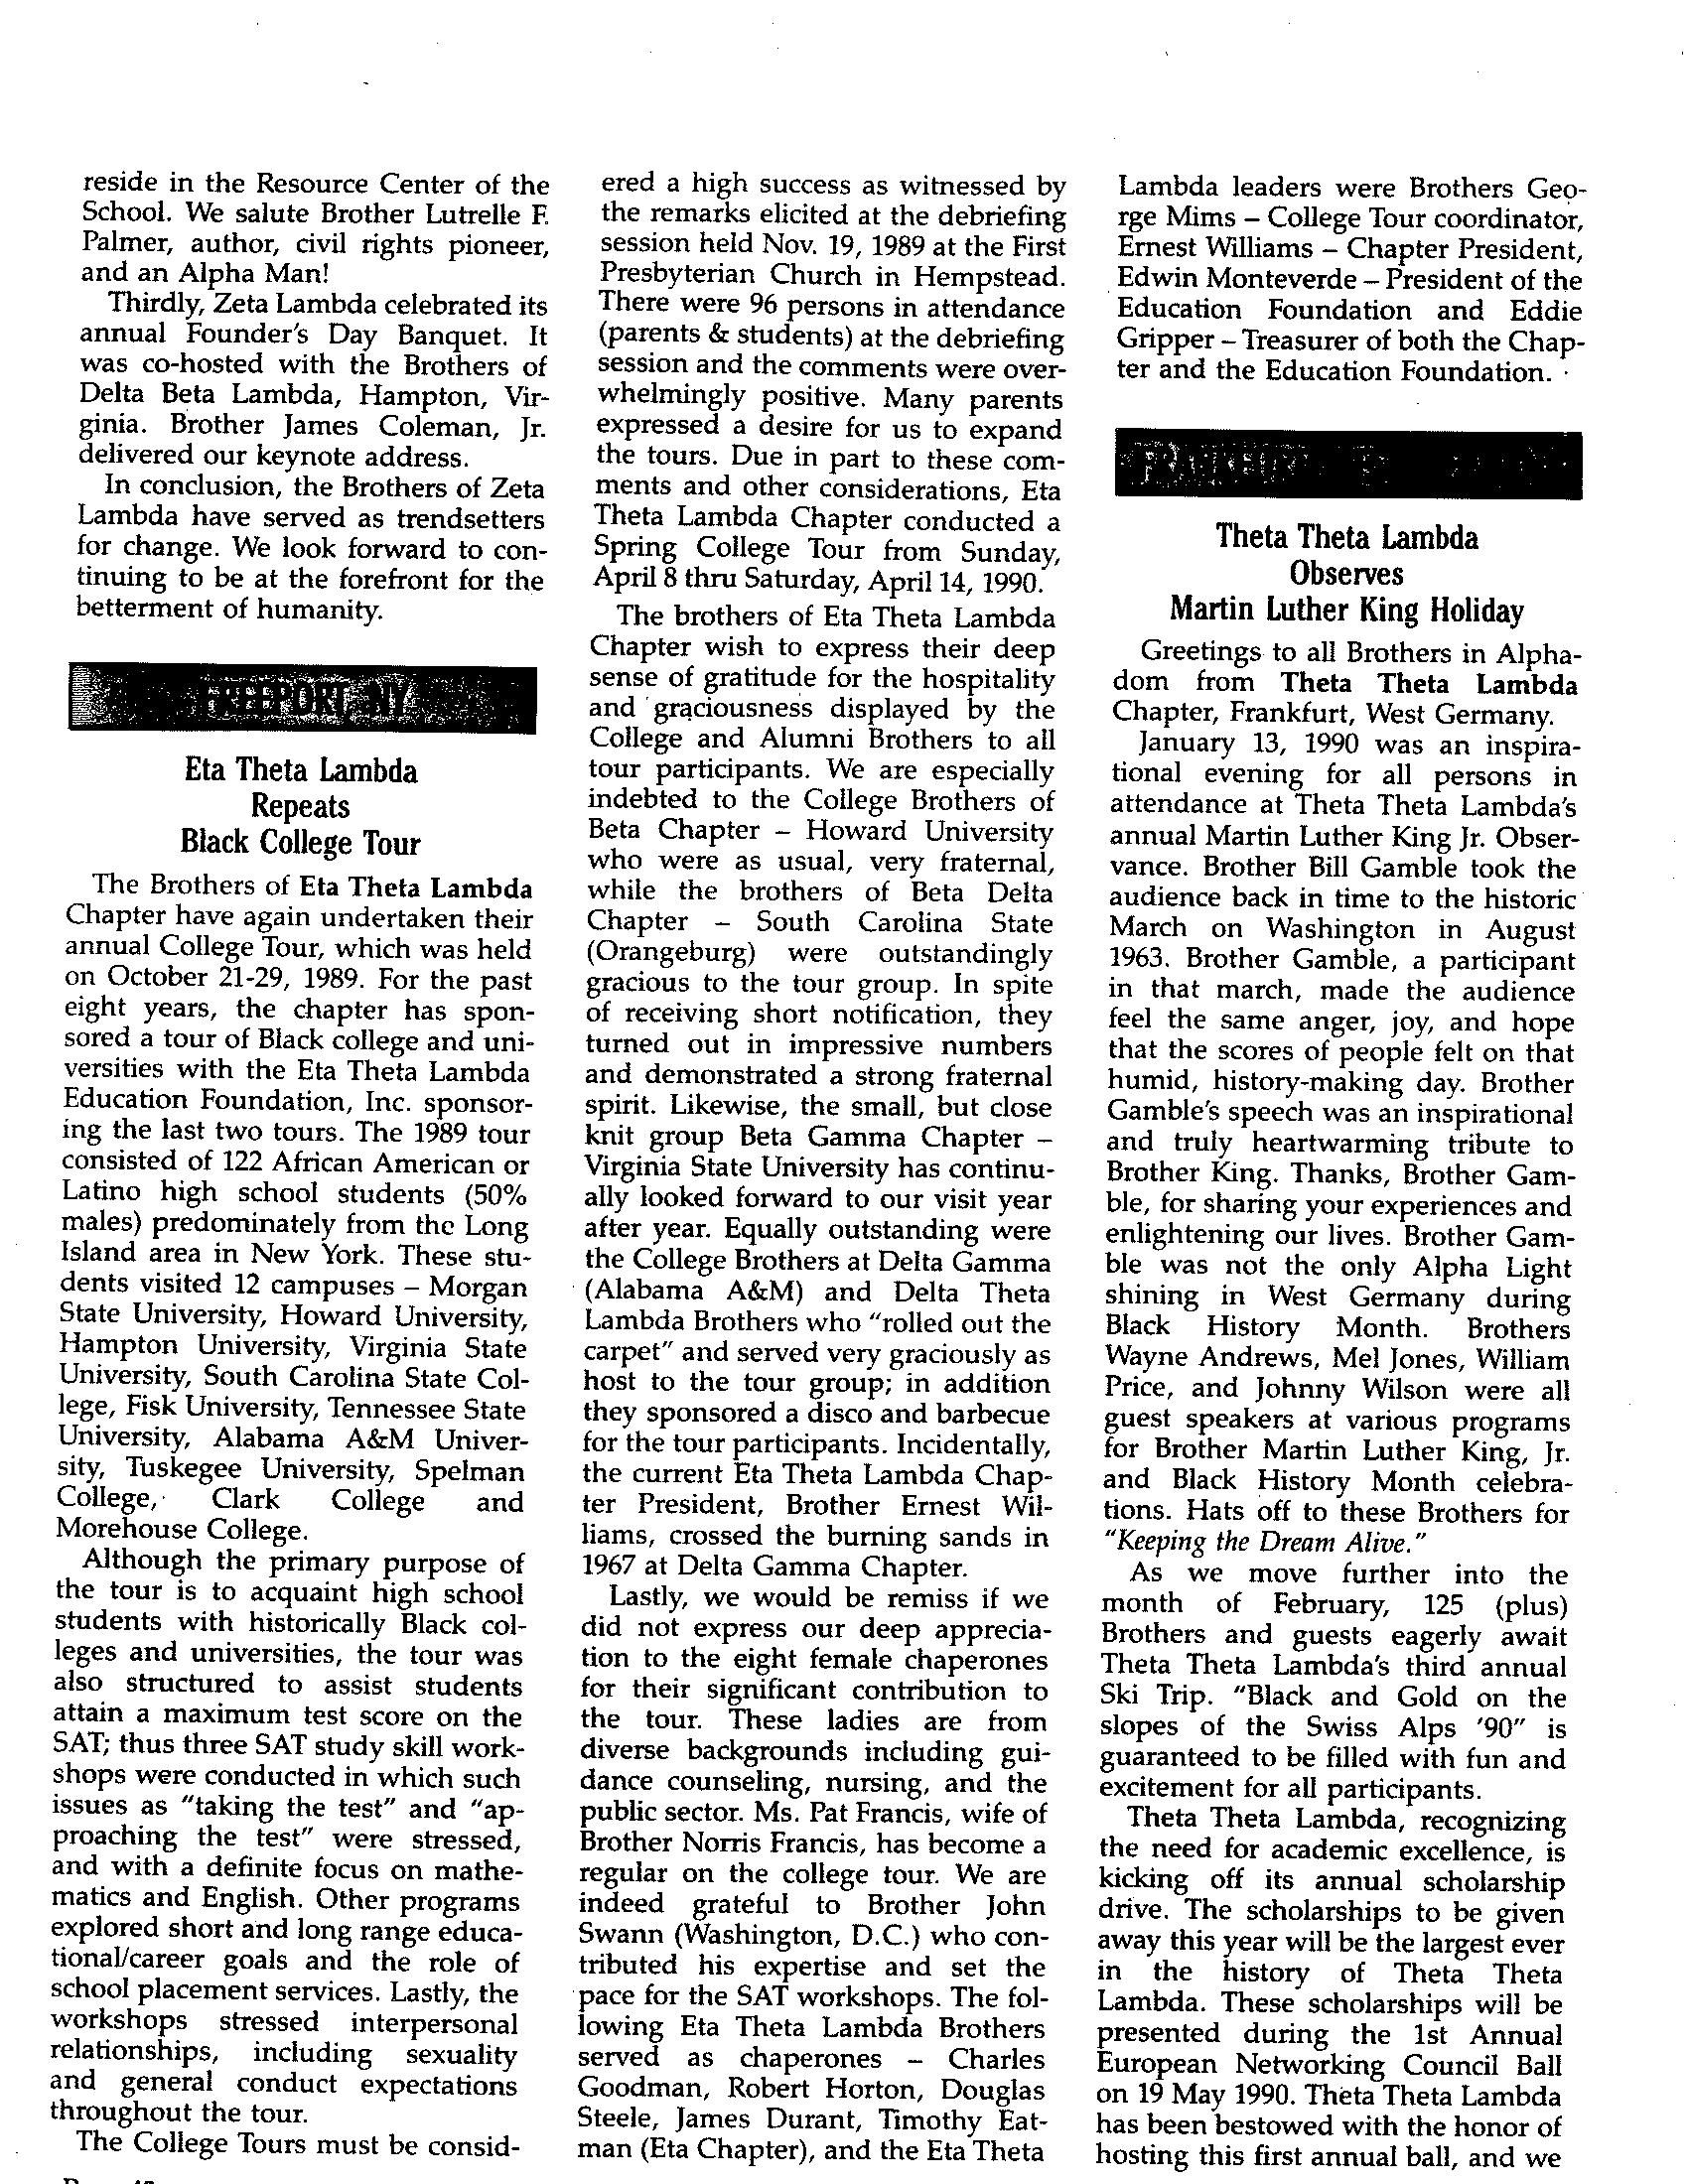 Zeta Lambda 1980 - The Sphinx 2.png